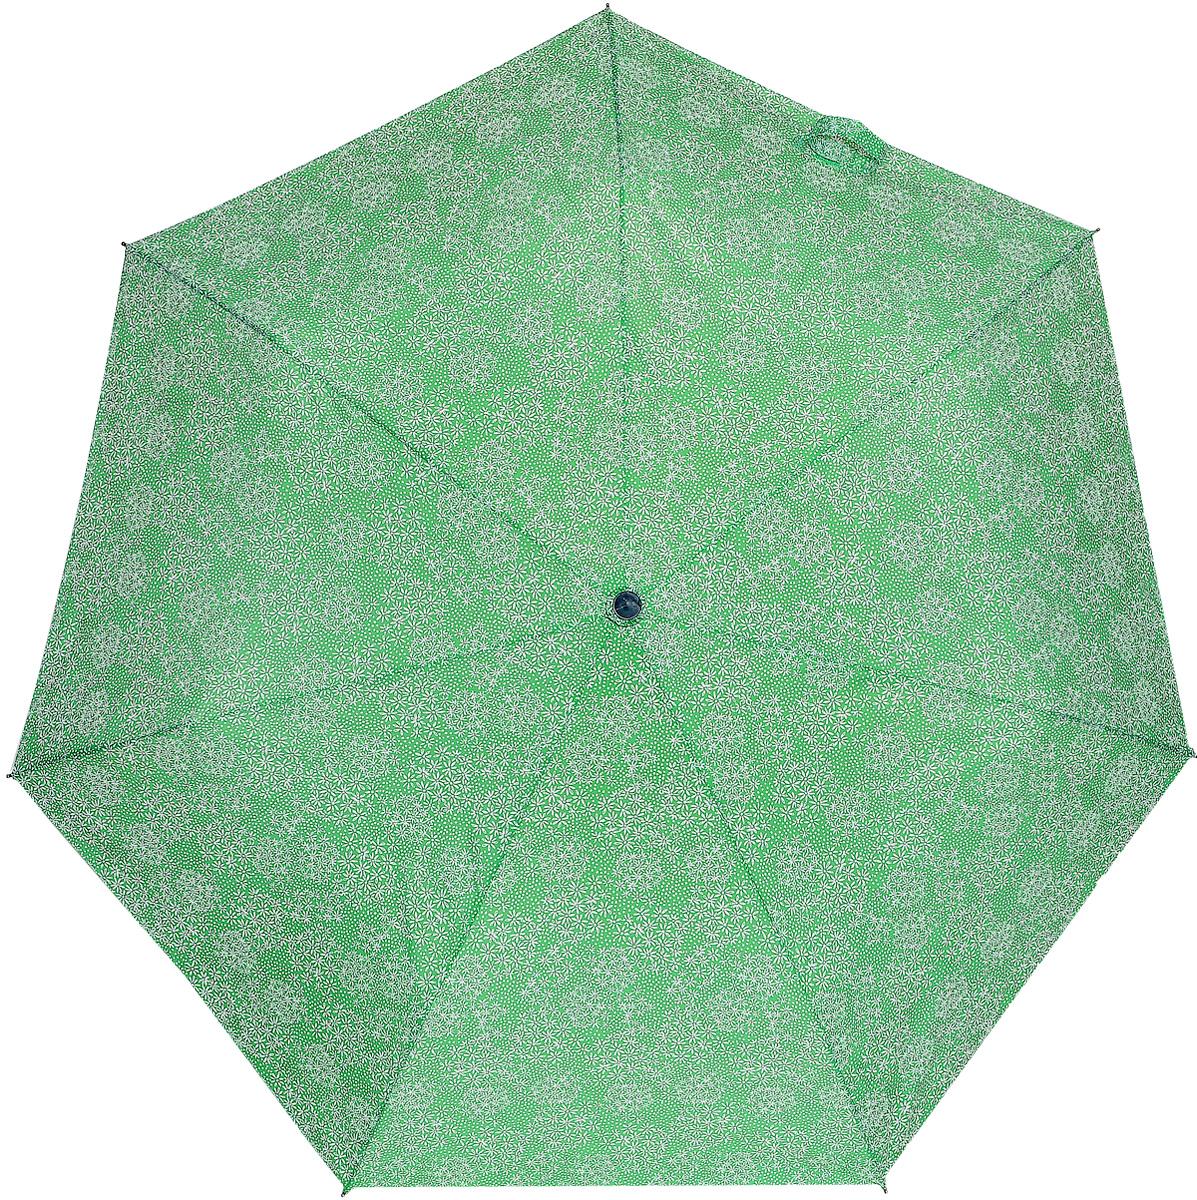 C-Collection 534-5 Зонт полный автом. 3 сл. жен.8L035081M/35449/2900NЗонт испанского производителя Clima. В производстве зонтов используются современные материалы, что делает зонты легкими, но в то же время крепкими. Полный автомат, 3 сложения, 7 спиц, полиэстер.